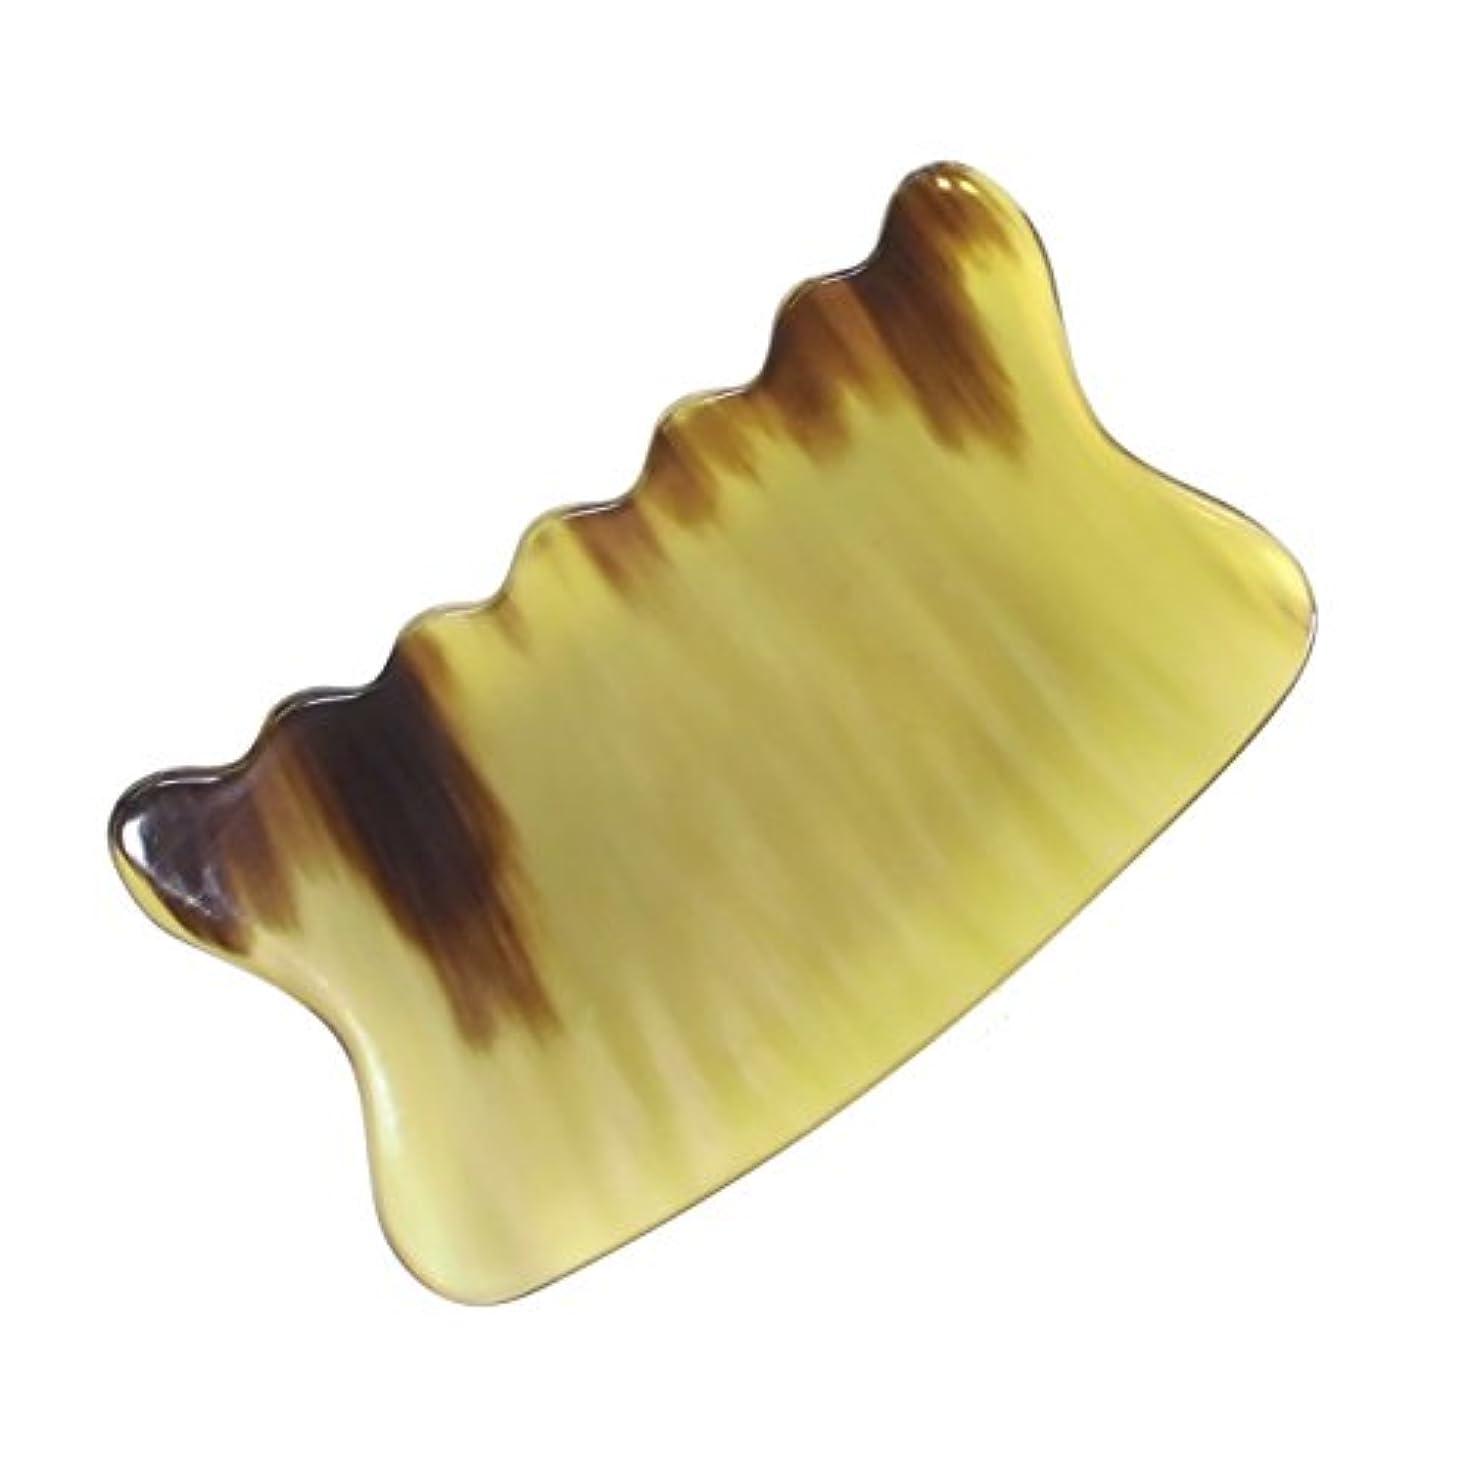 人物ピット調和のとれたかっさ プレート 希少69 黄水牛角 極美品 曲波型